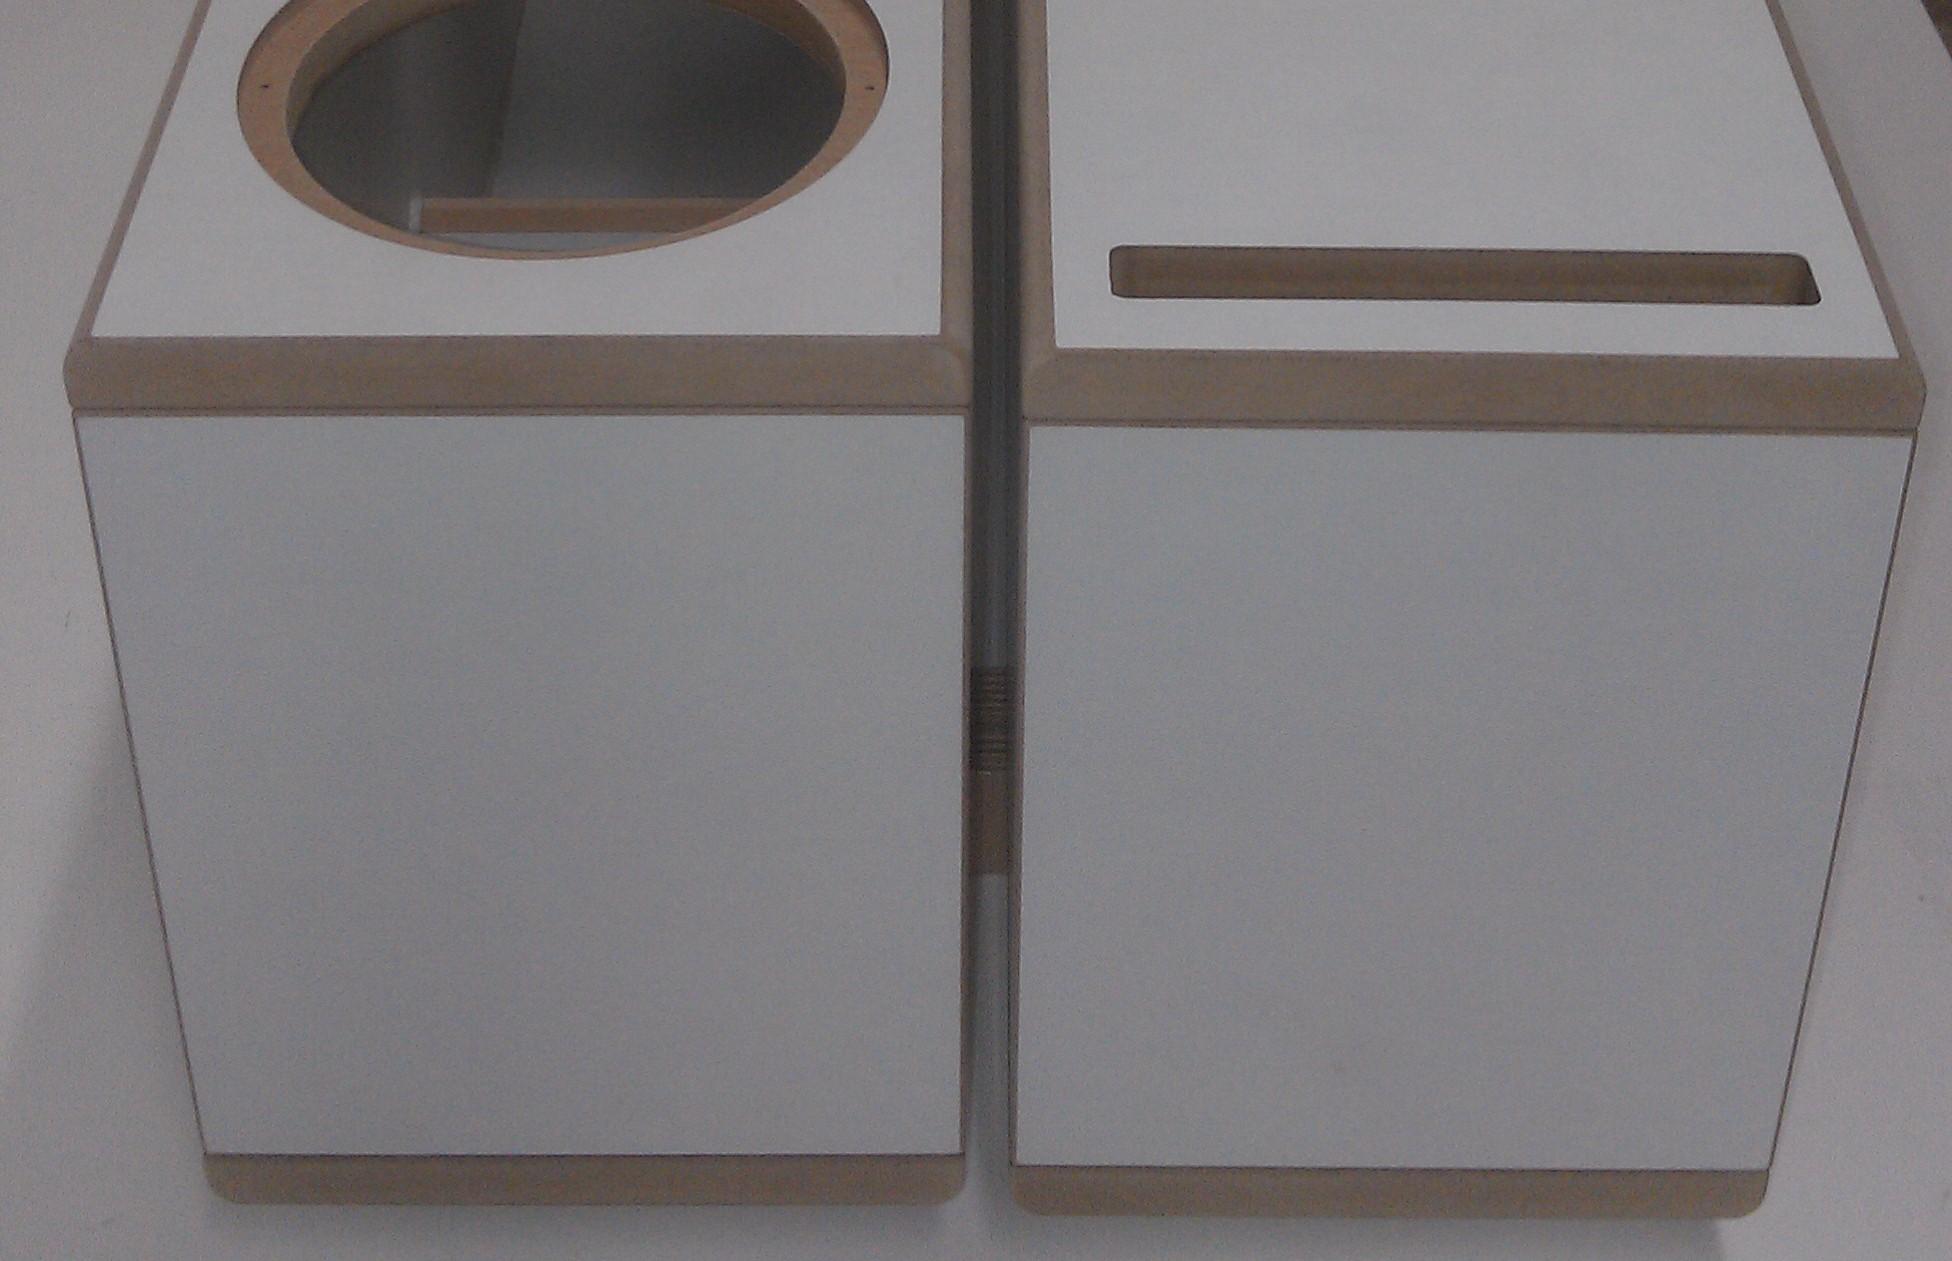 Kopie von Eton Dusty34 und Phase34 07